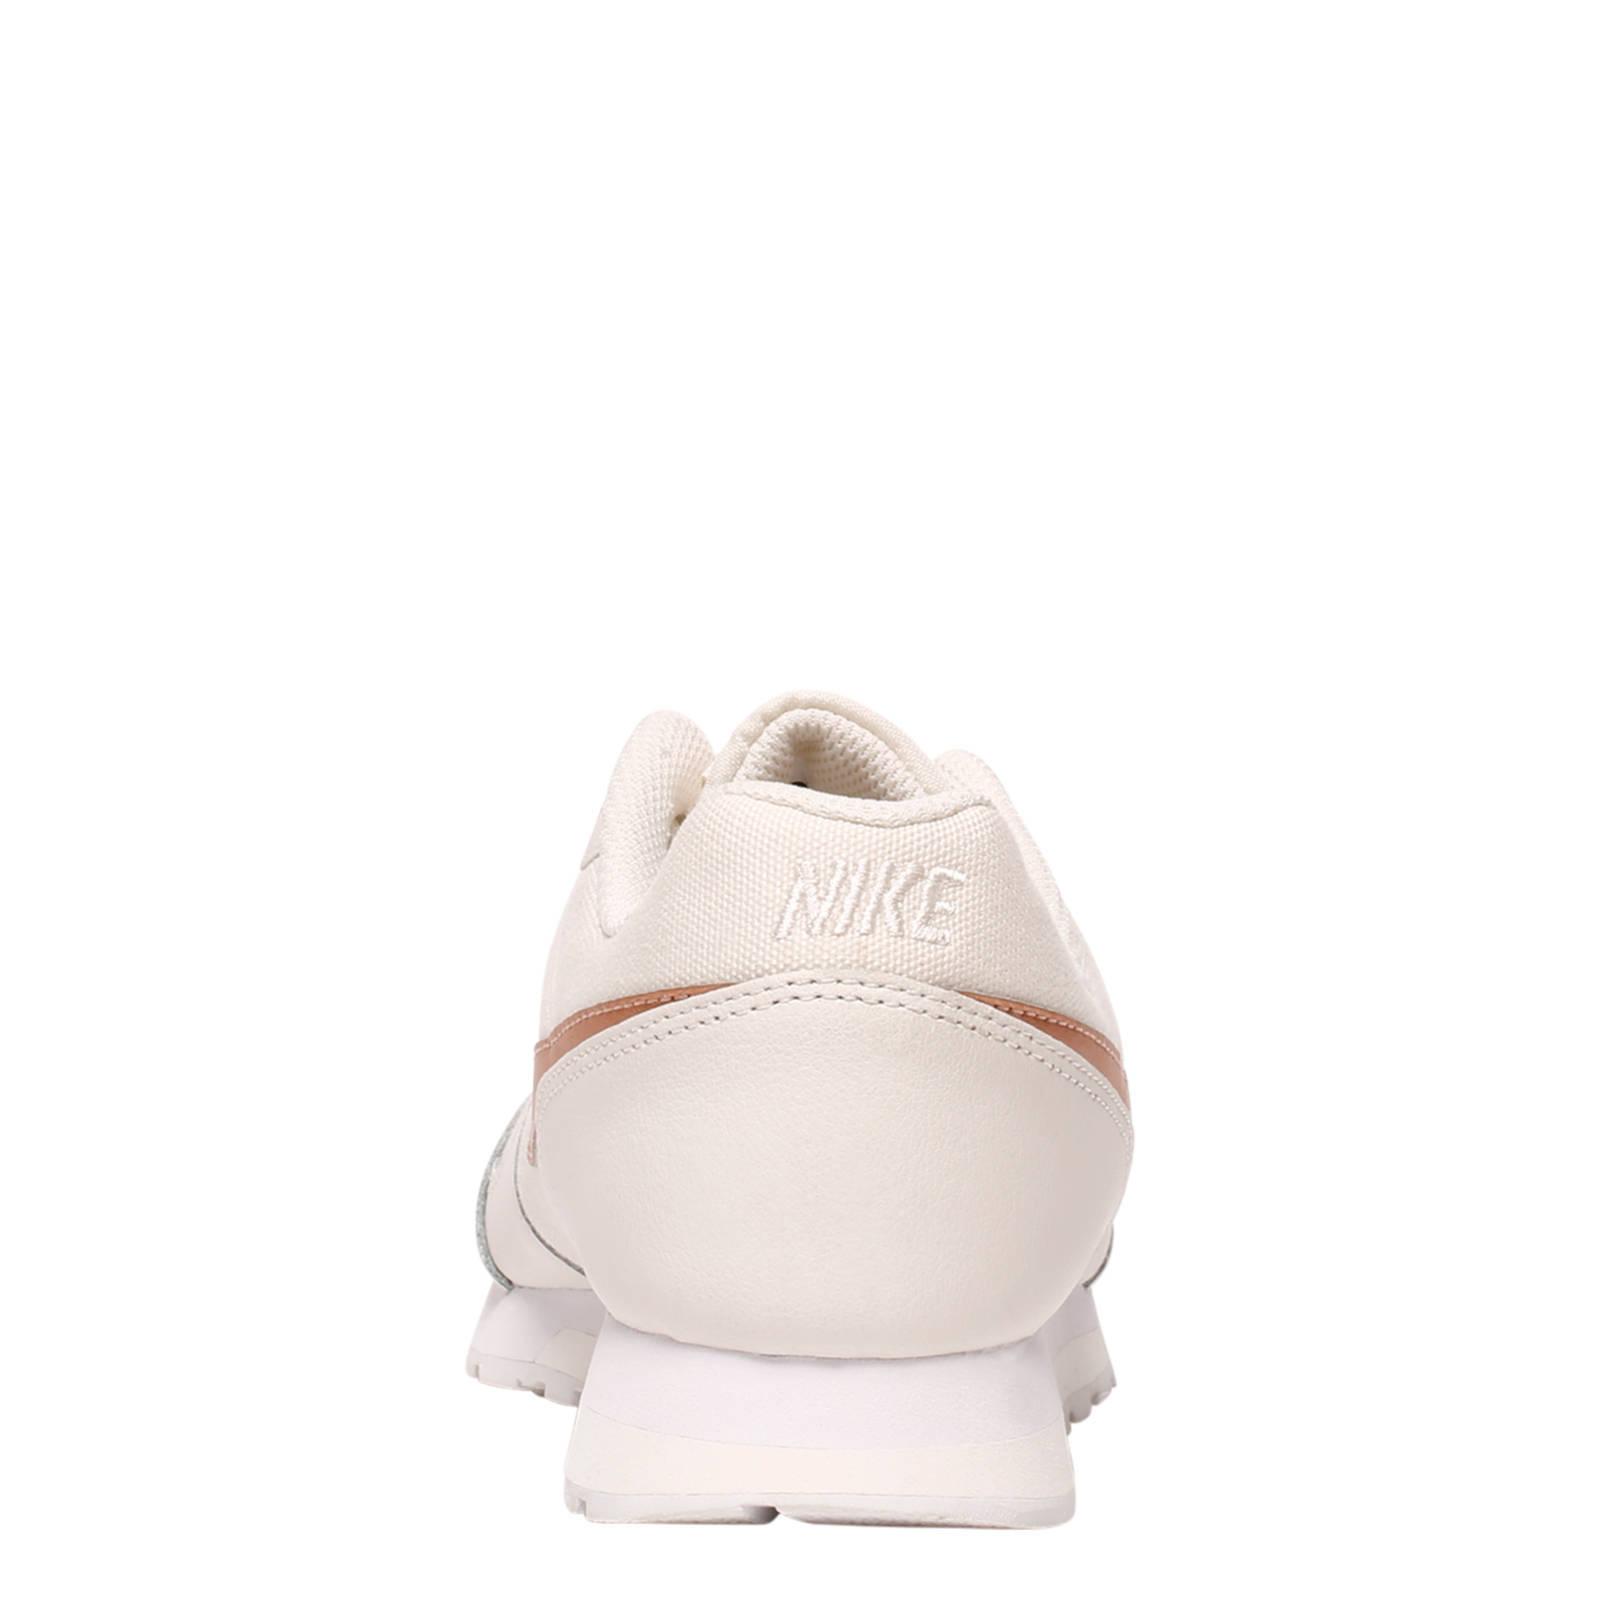 88f05caae0f nike-sneakers-md-runner-2-ecru-ecru-0091205326064.jpg